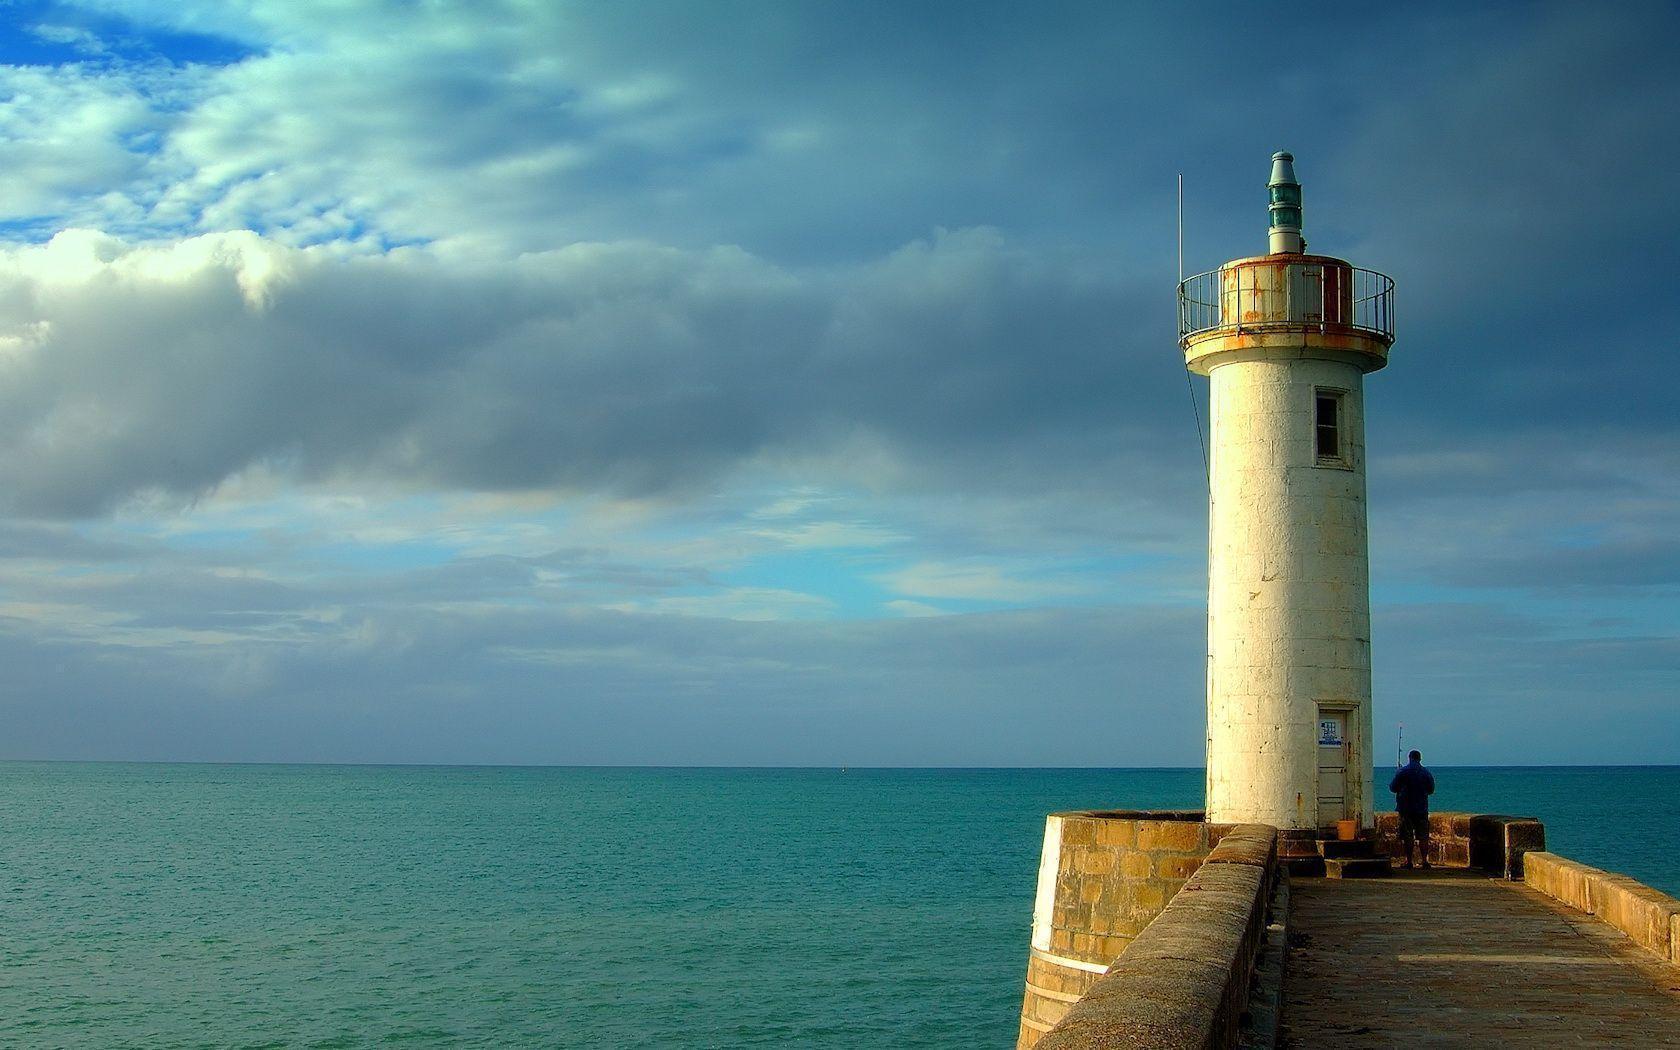 lighthouse desktop wallpaper 7900 - photo #15